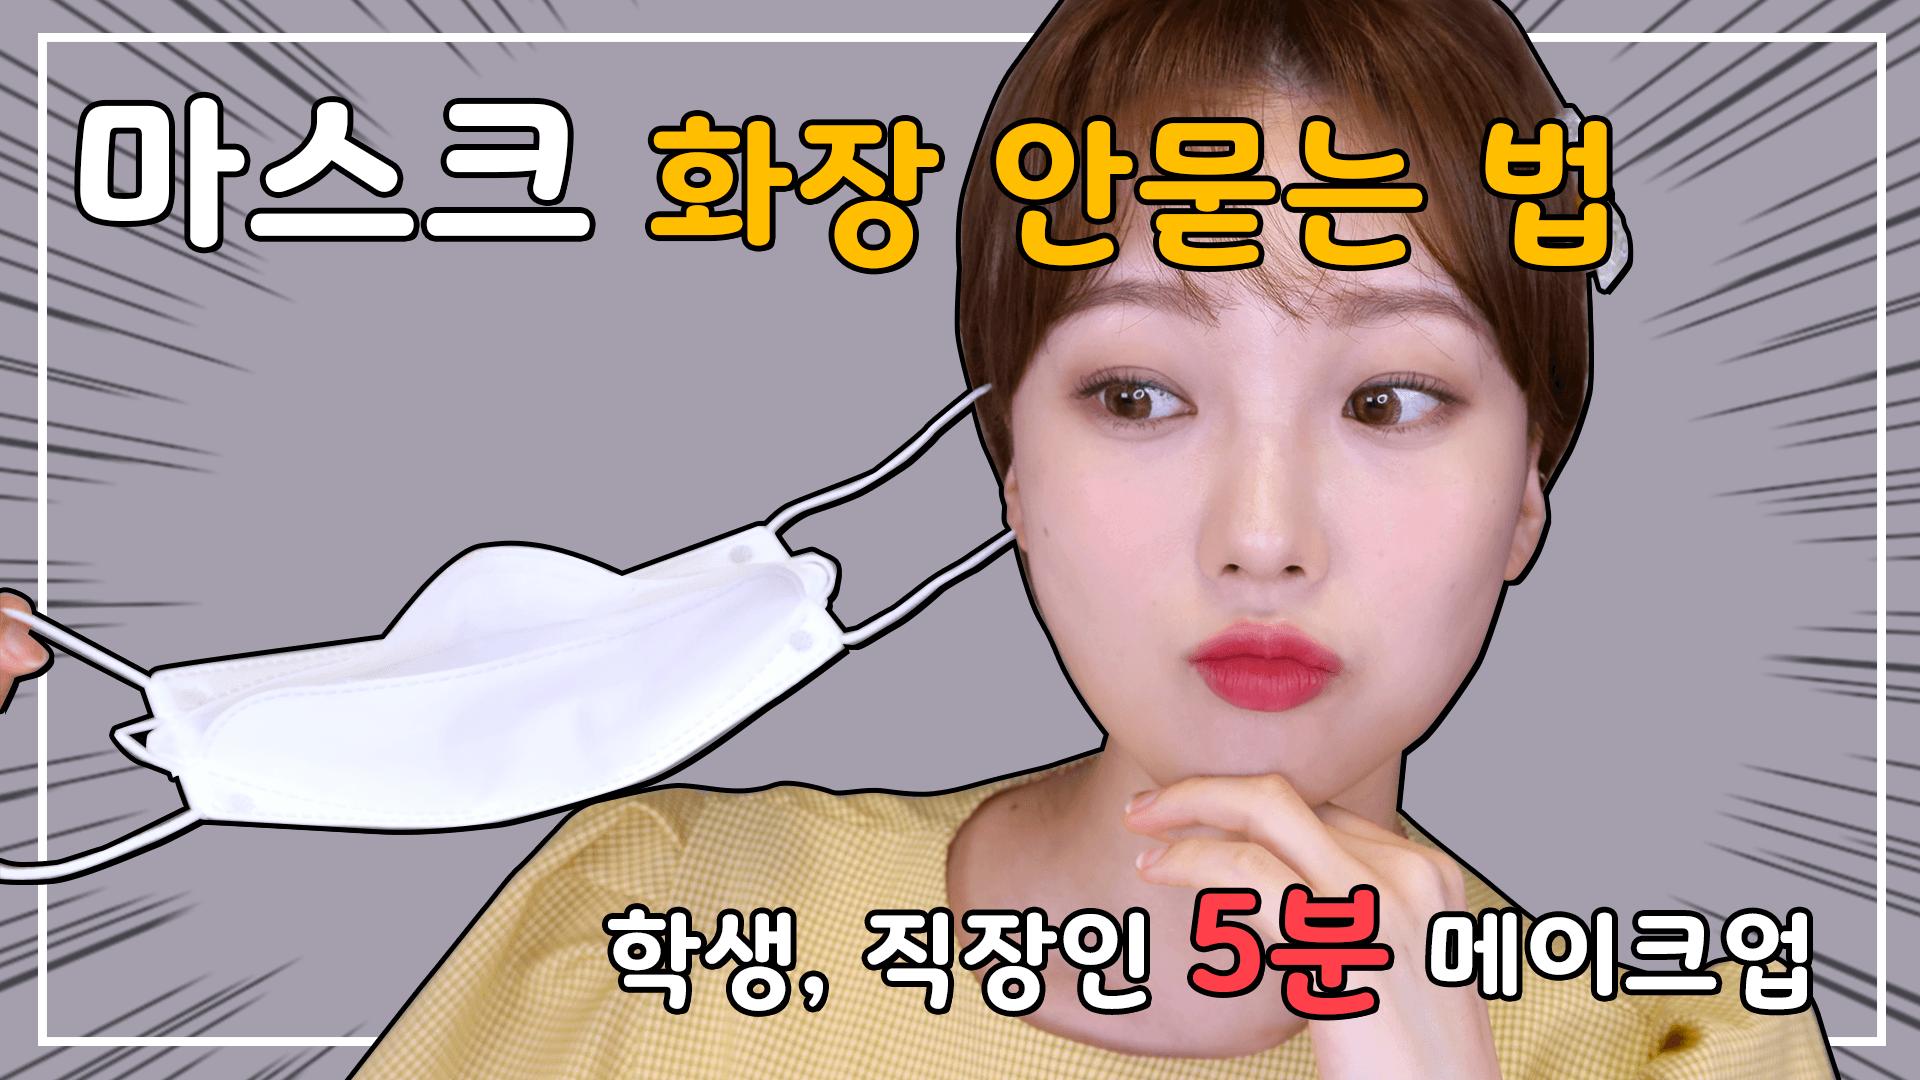 [올로드샵] 마스크에 안묻는 파데프리 메이크업 (초간단 5분 출근메이크업, 학생메이크업)⎮미소정 MisoJeong